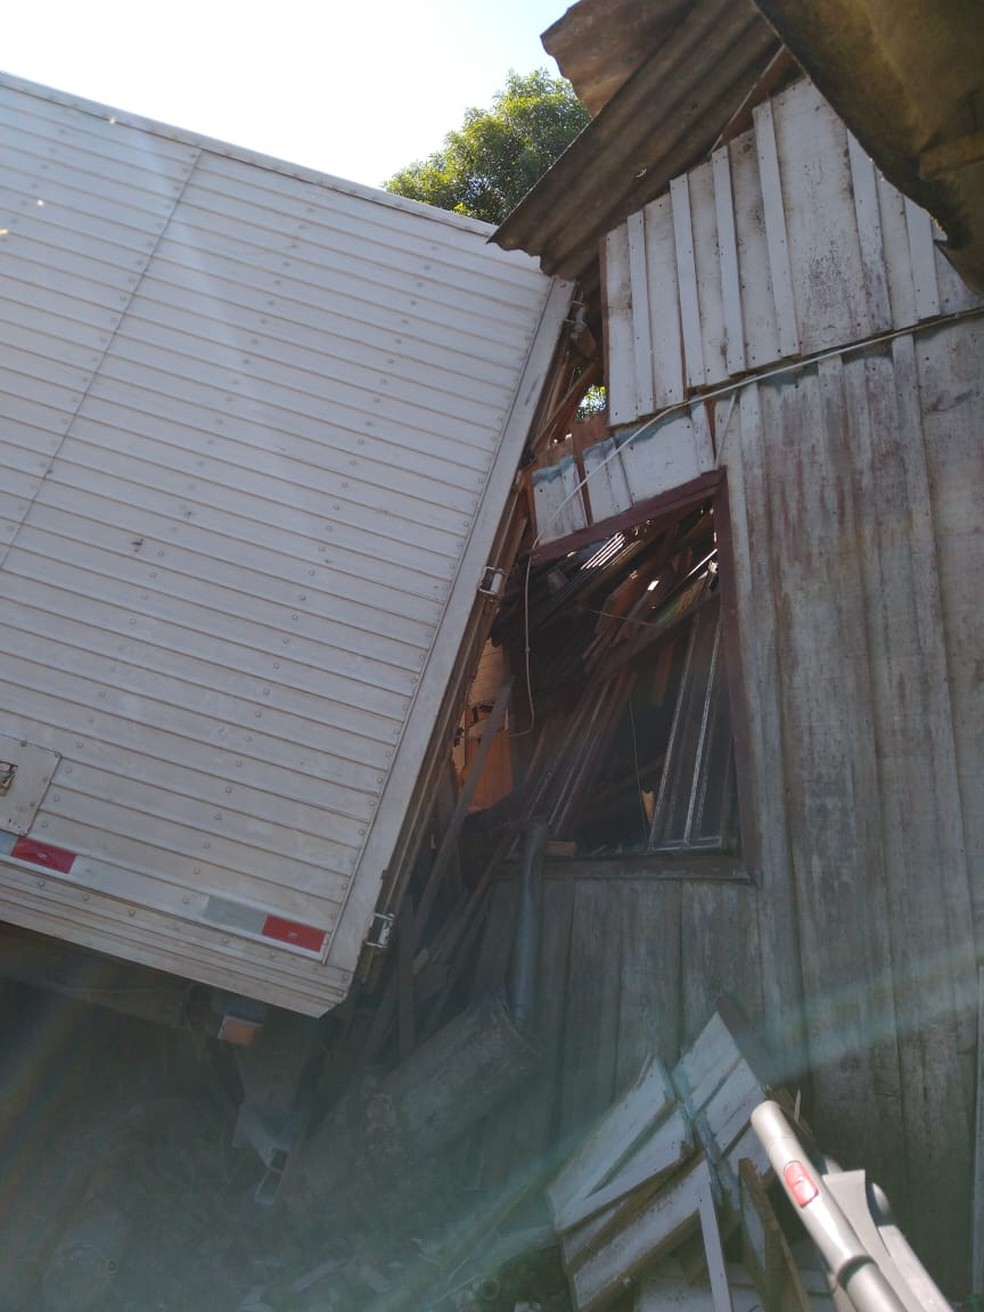 Casa foi parcialmente destruída após ser atingida por um caminhão em Rio Negrinho, SC. — Foto: Corpo de Bombeiros/Divulgação